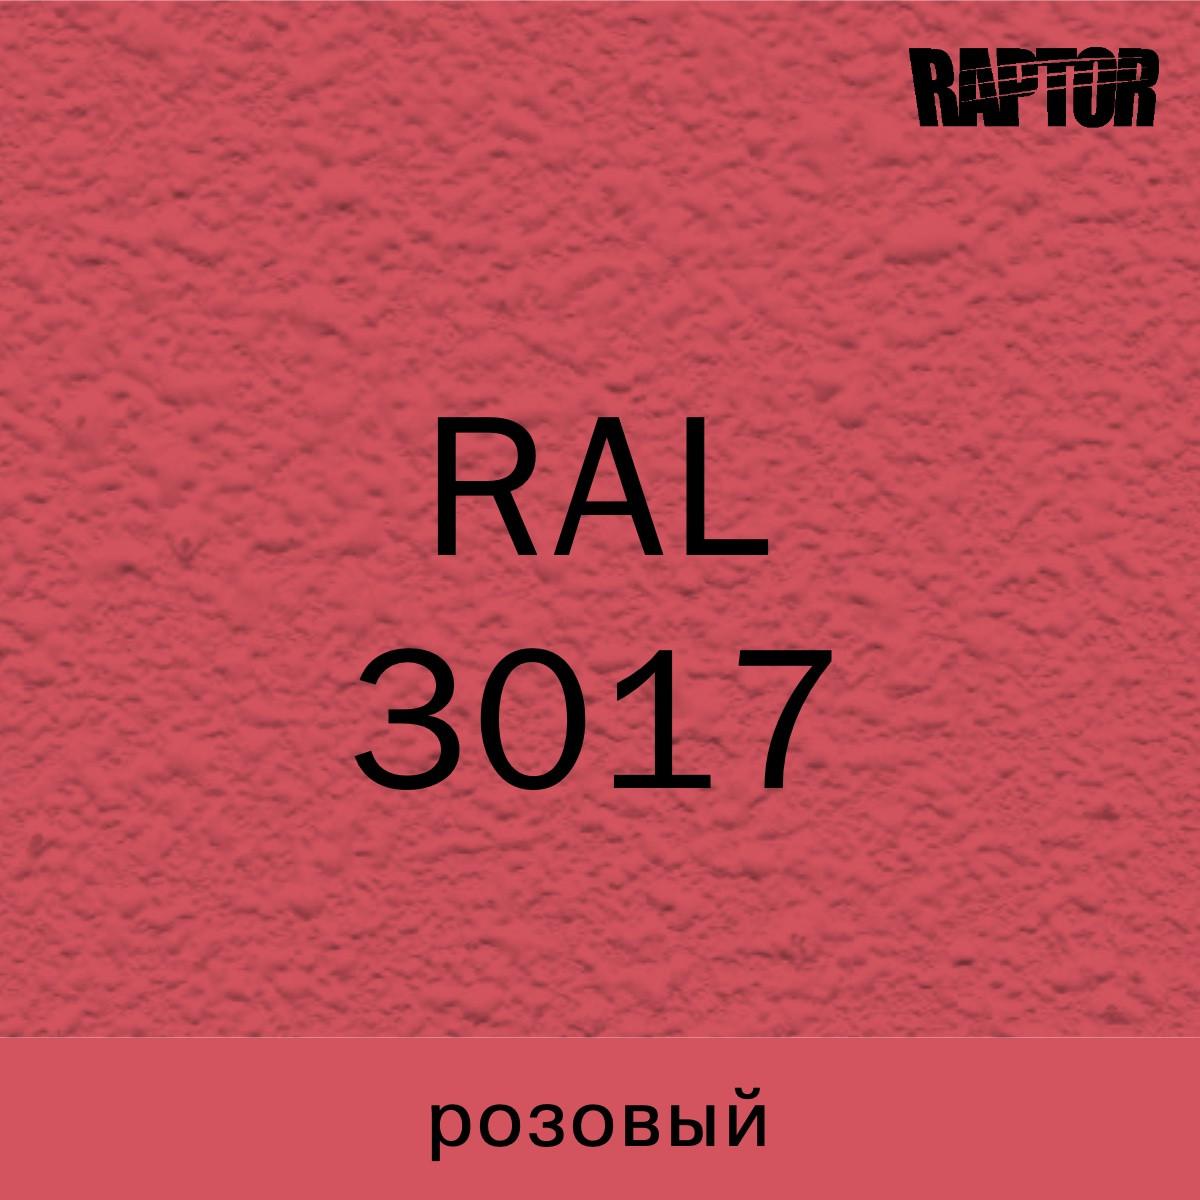 Пигмент для колеровки покрытия RAPTOR™ Розовый (RAL 3017)